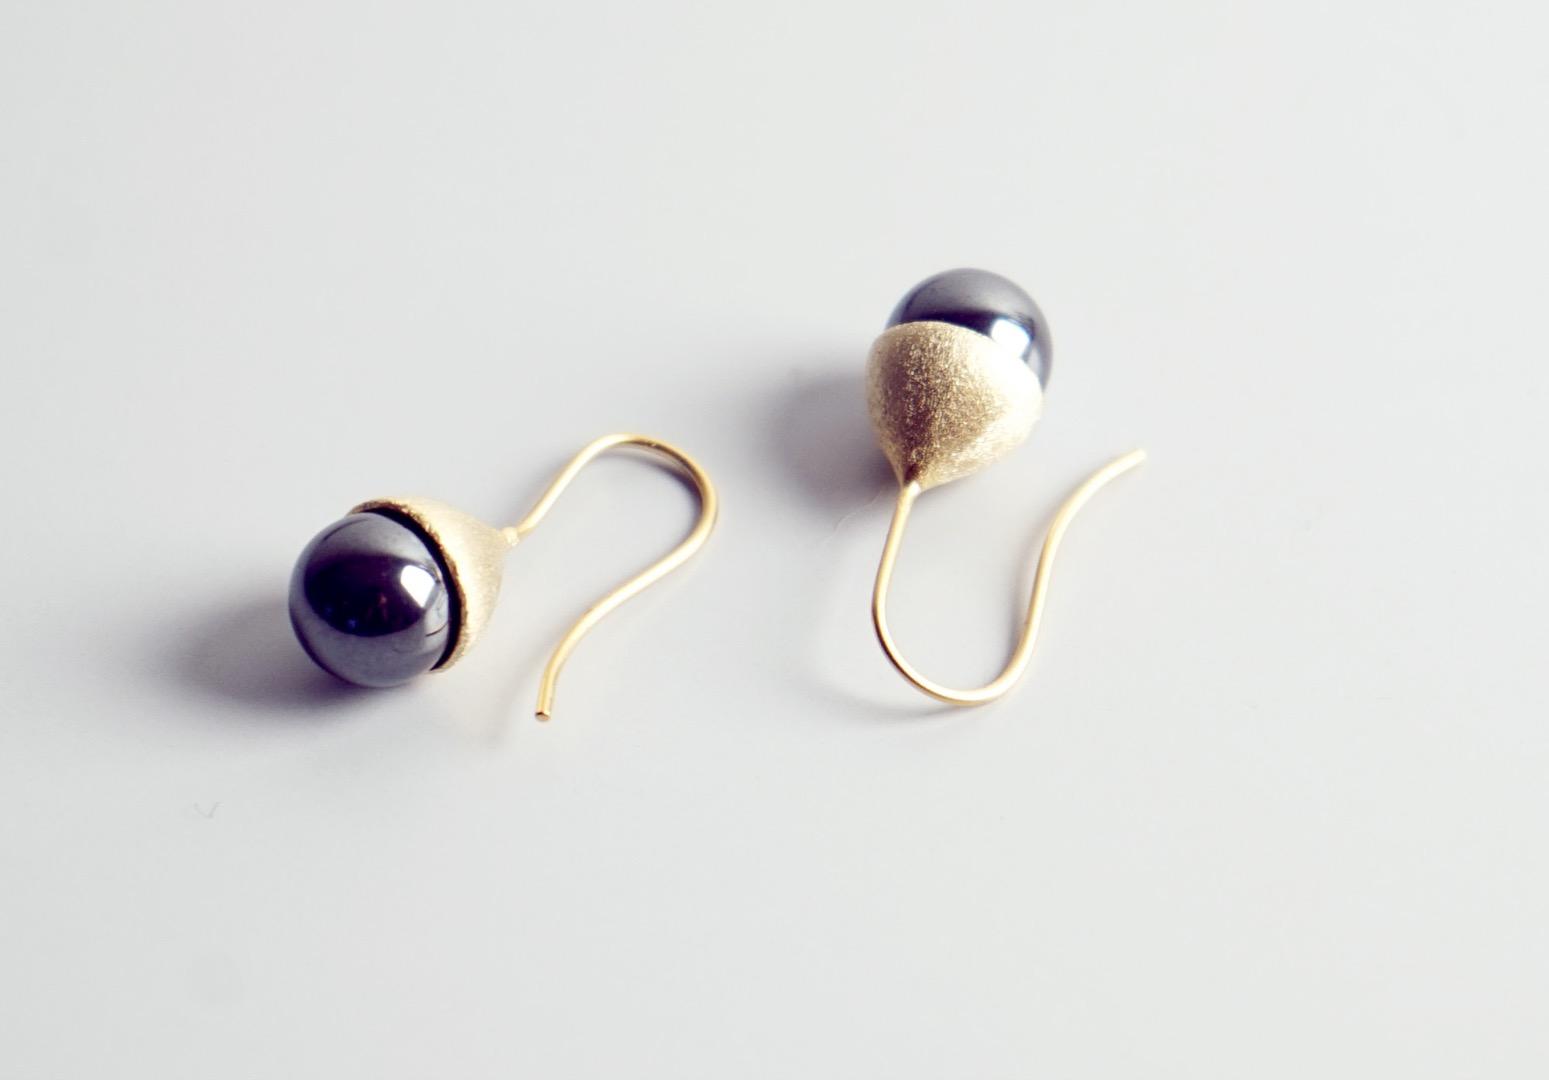 Ohrhänger Hütchen vergoldet mit Perle Hämatit